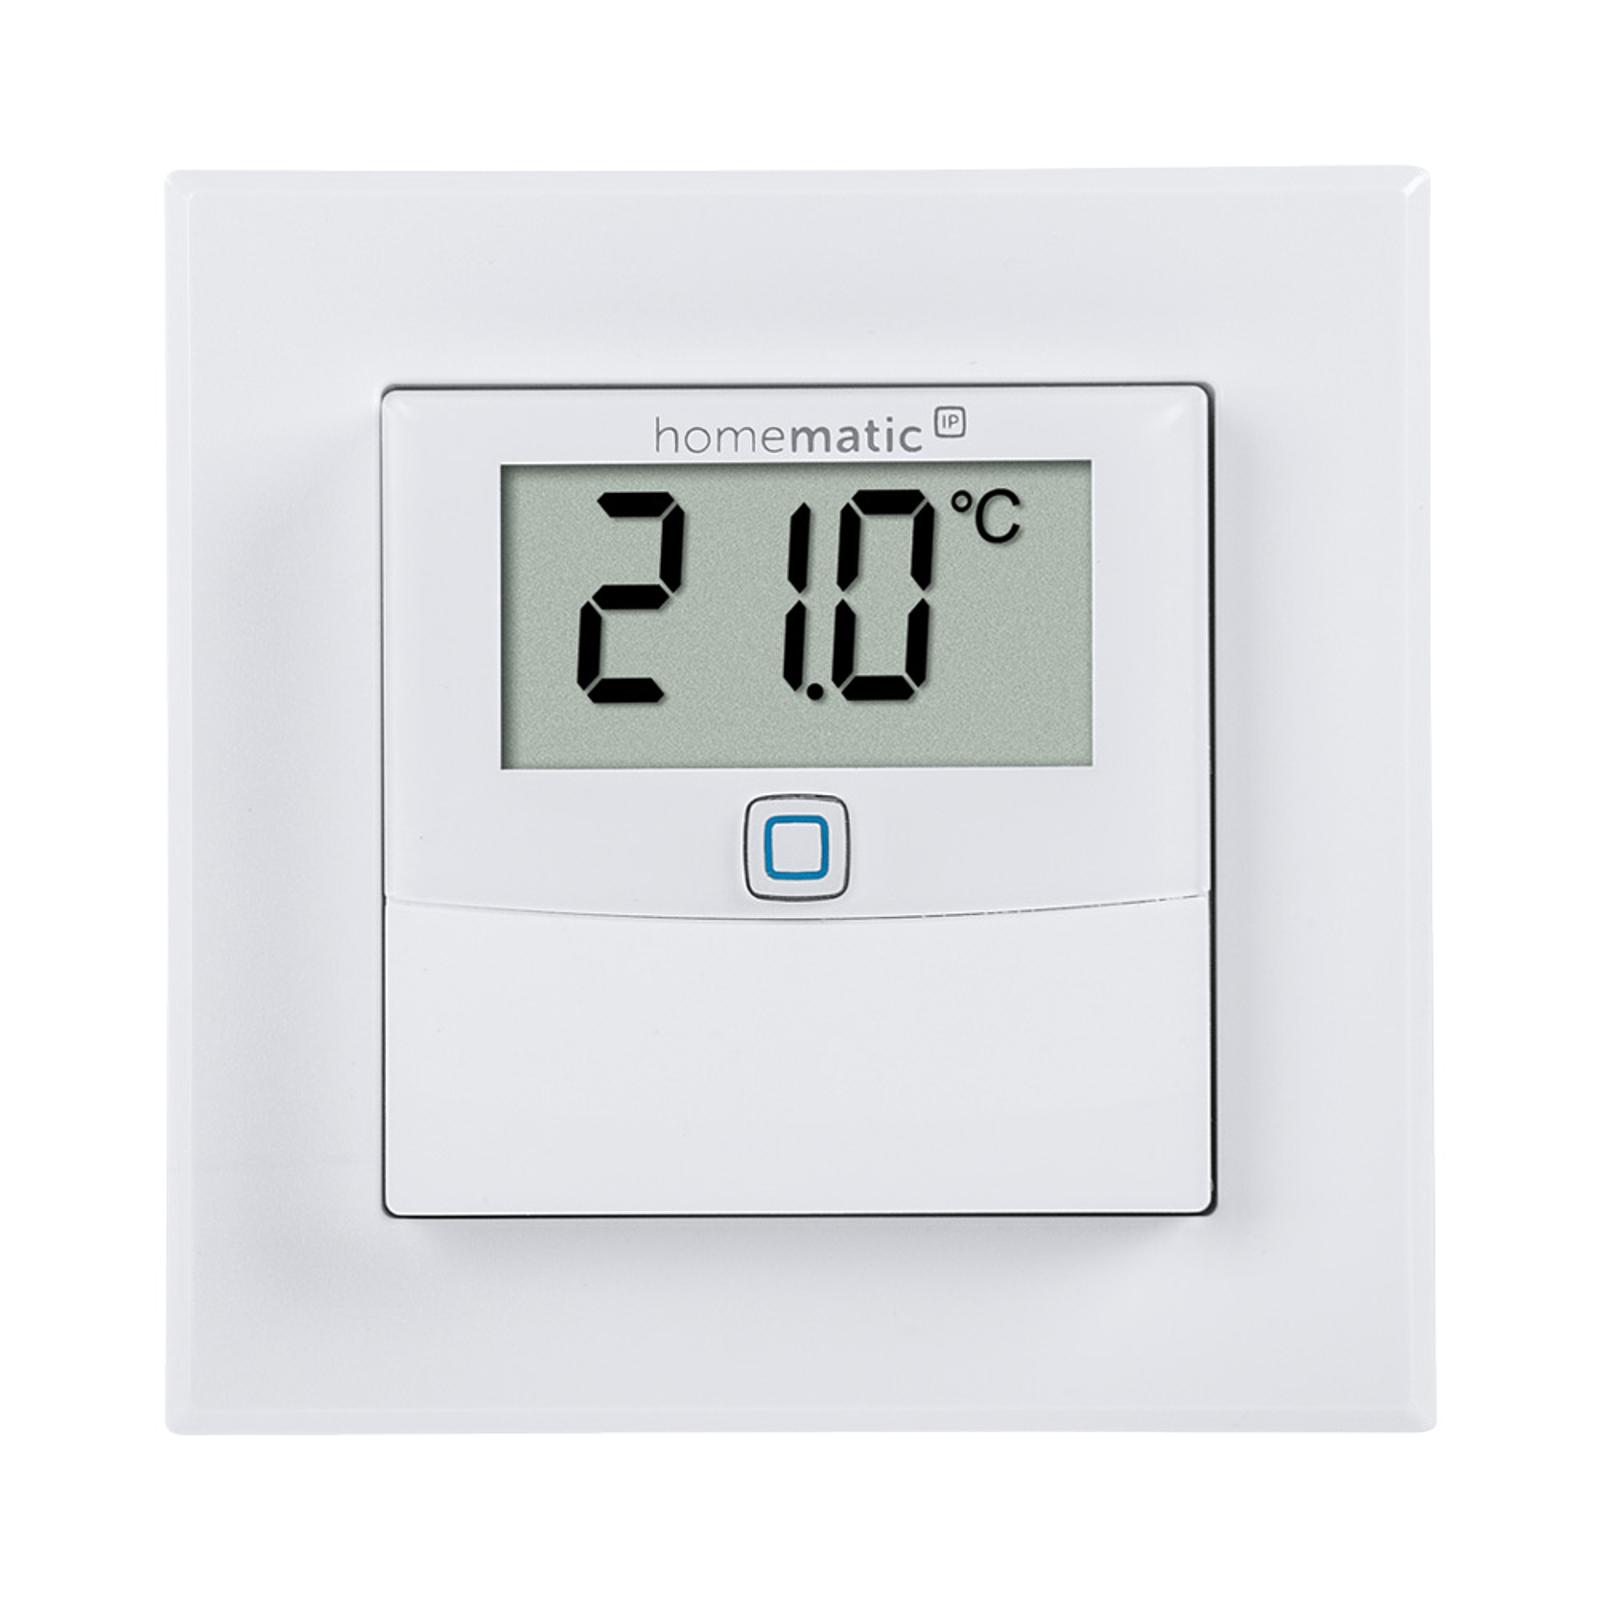 Homematic IP capteur température/humidité écran